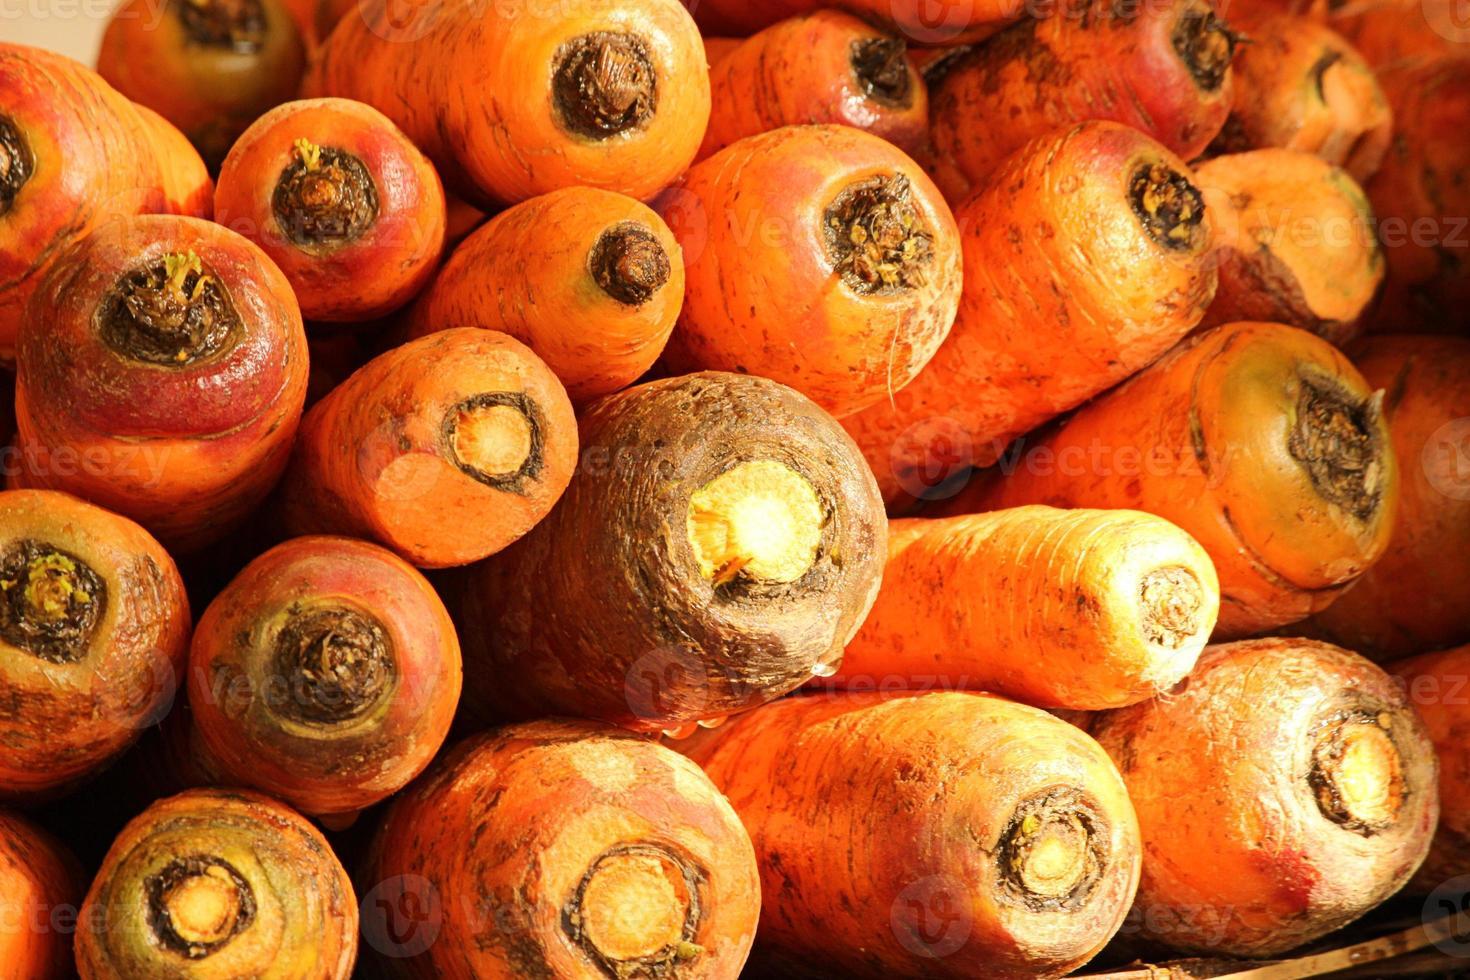 Fresh Carrots at Market photo